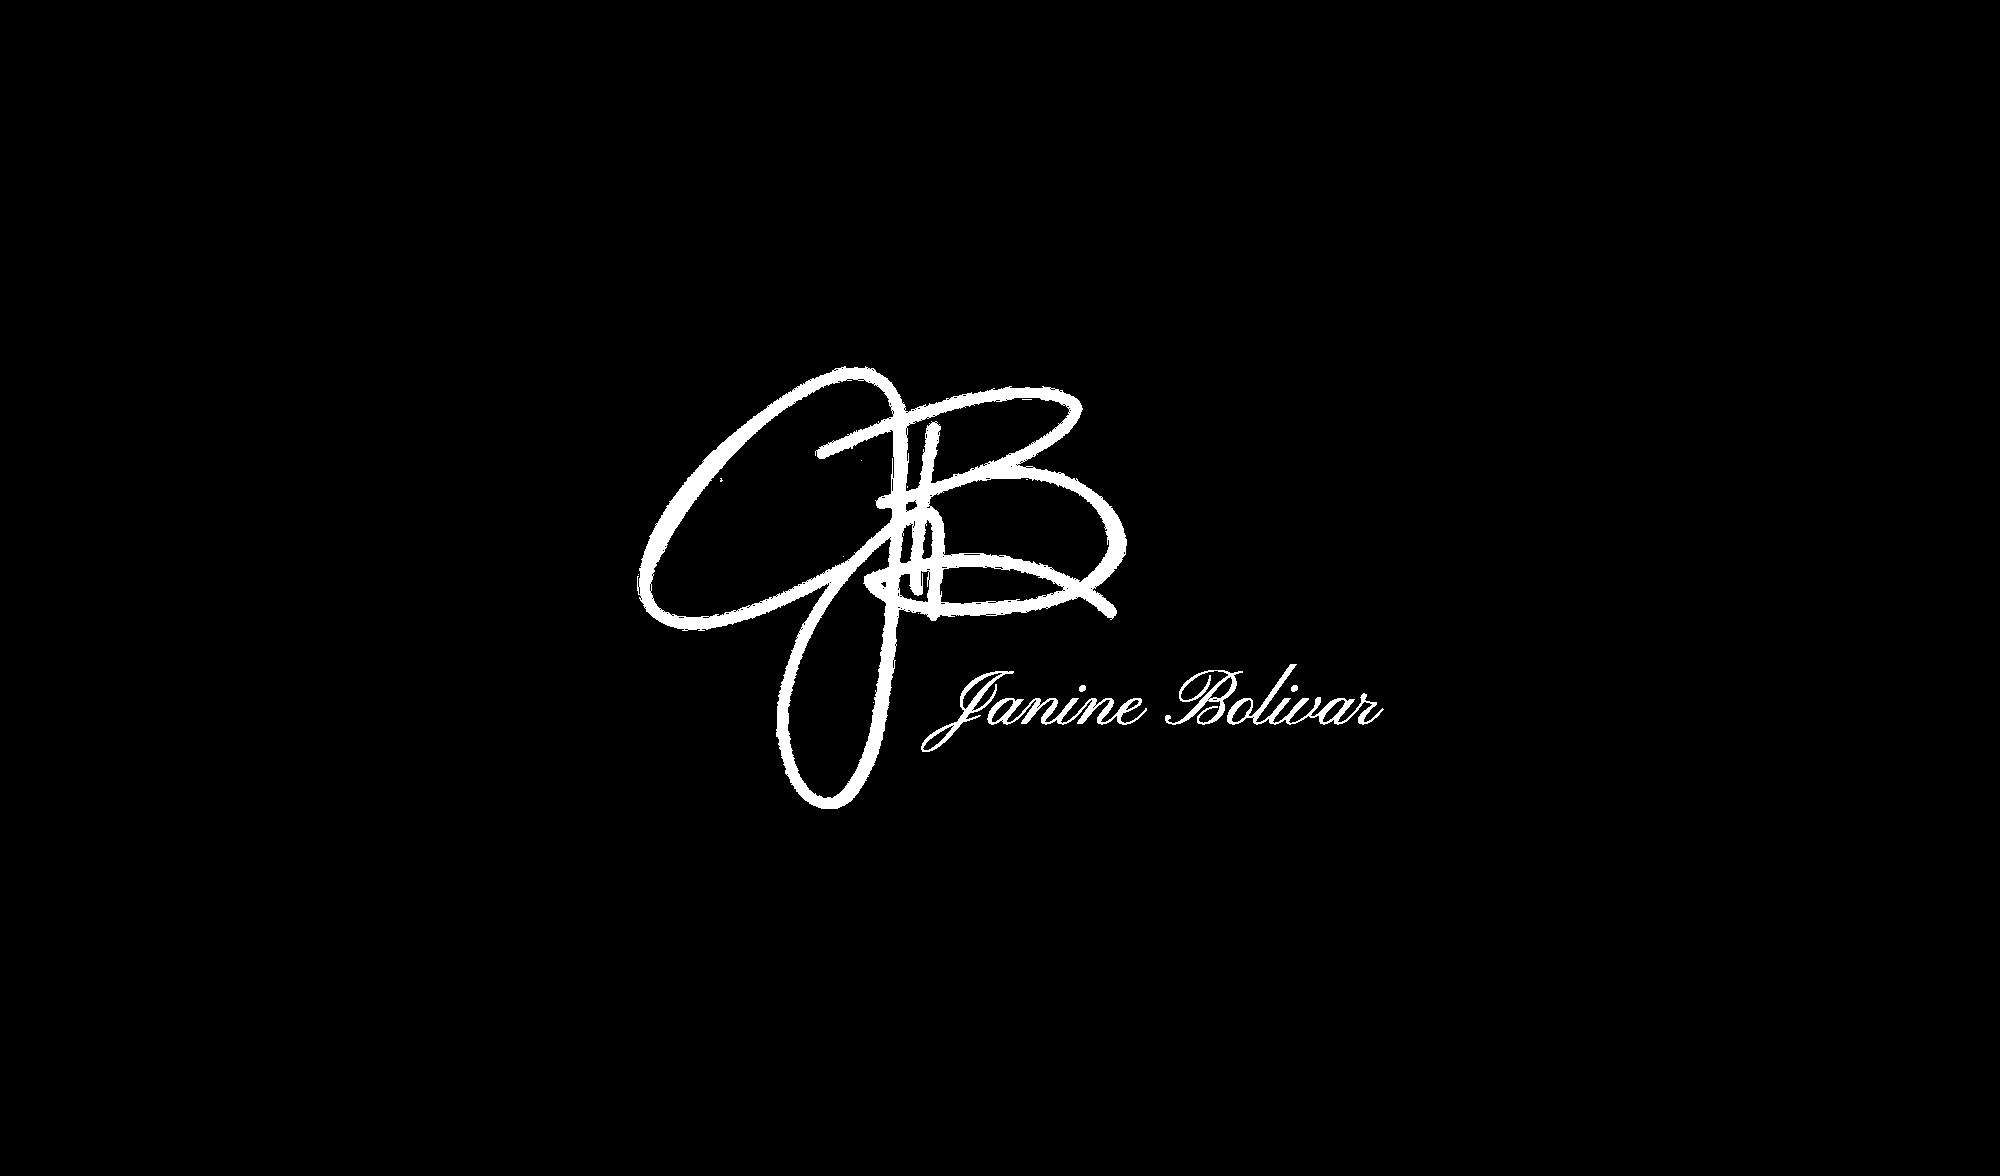 Janine Bolivar - Brand Creation Option 1 (5)